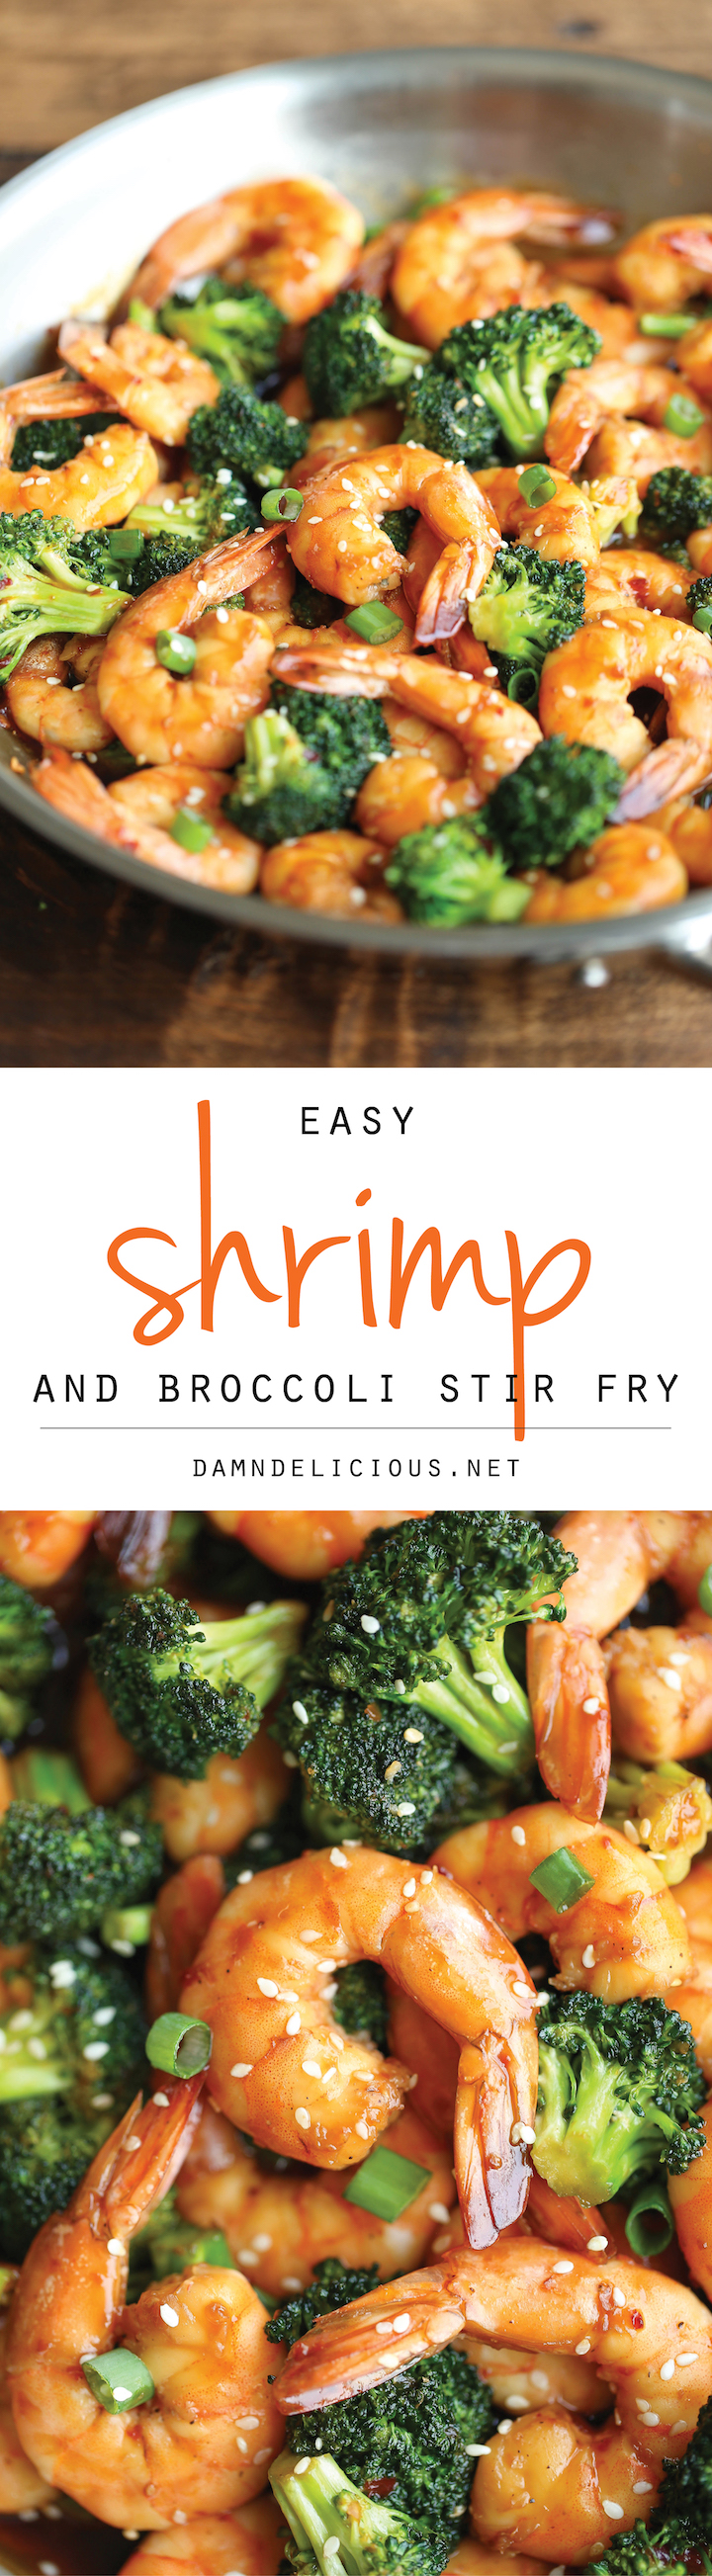 Easy Shrimp and Broccoli Stir Fry